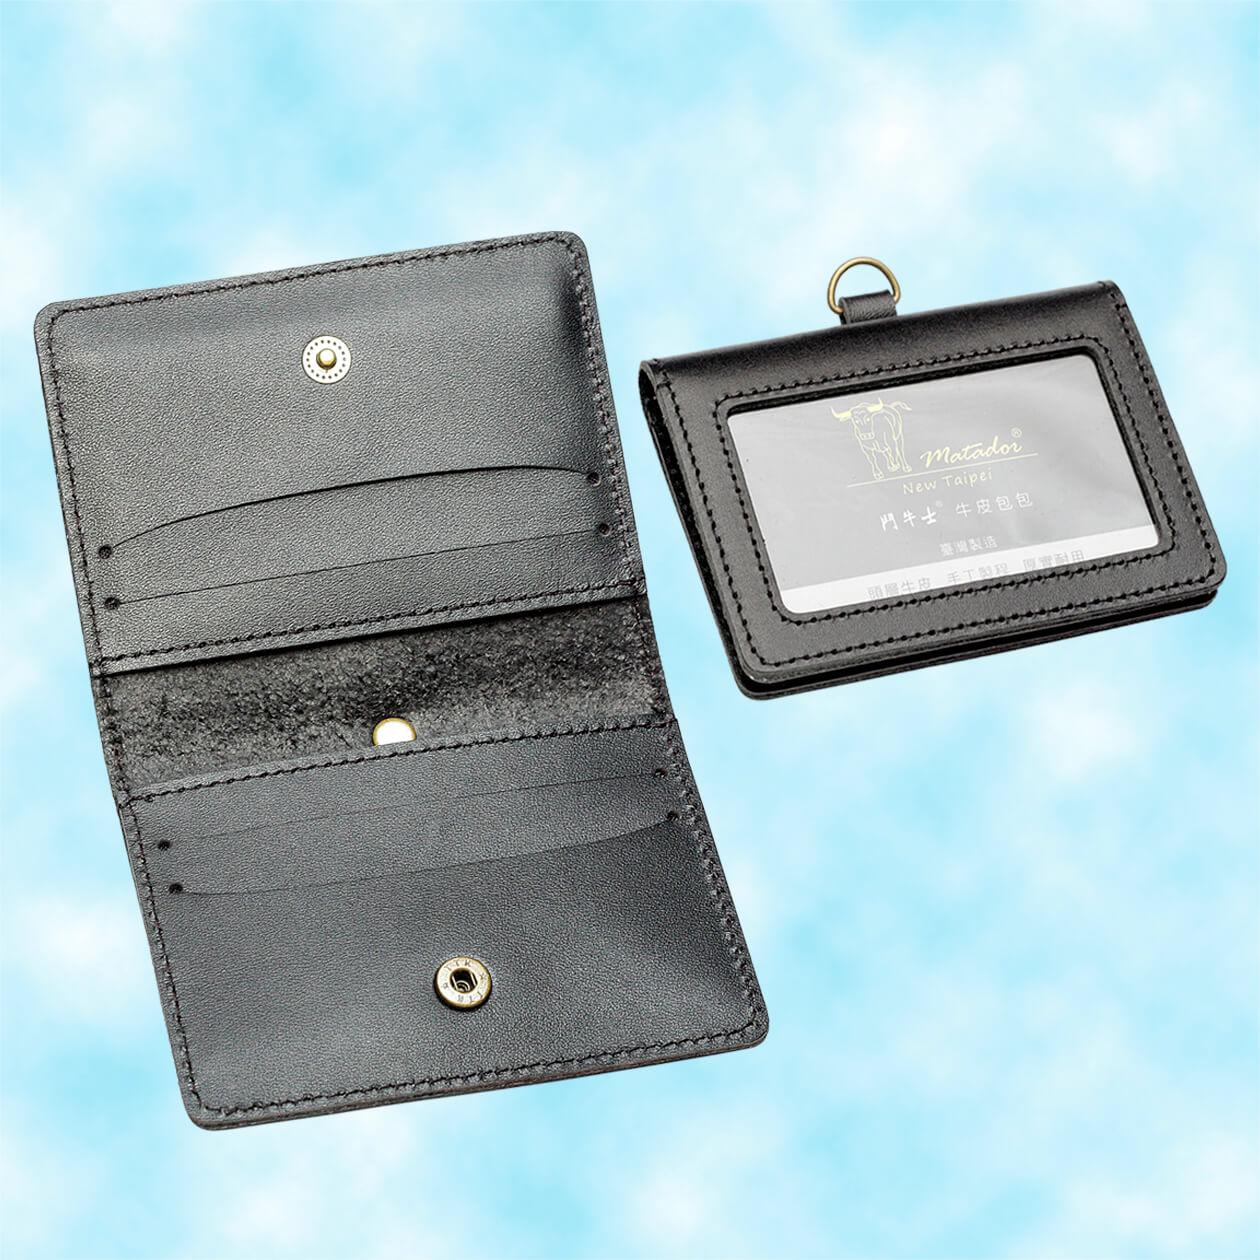 橫式皮夾識別證套/牛皮識別證套/牛皮證件套/牛皮票卡夾  6081-黑色